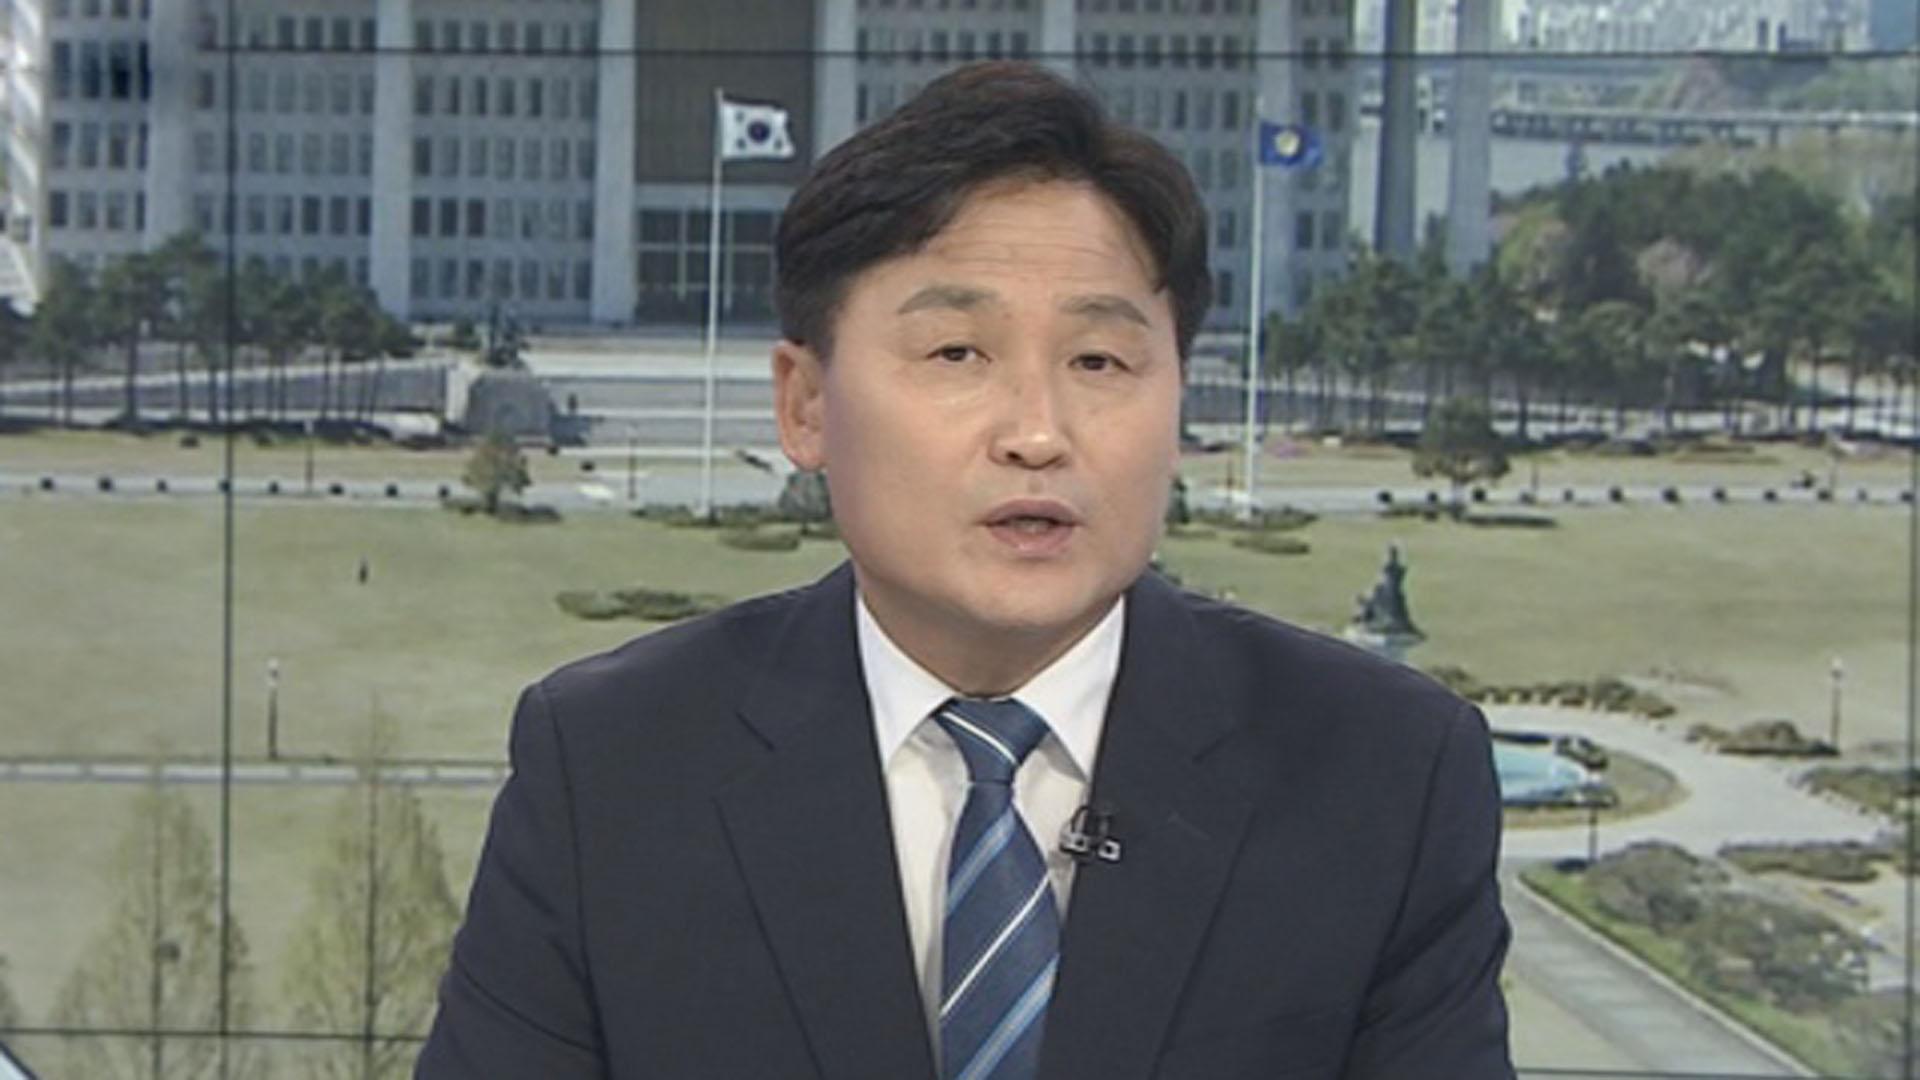 [1번지 현장] 김영진 민주당 원내수석부대표에게 묻는 21대 국회 원 구성